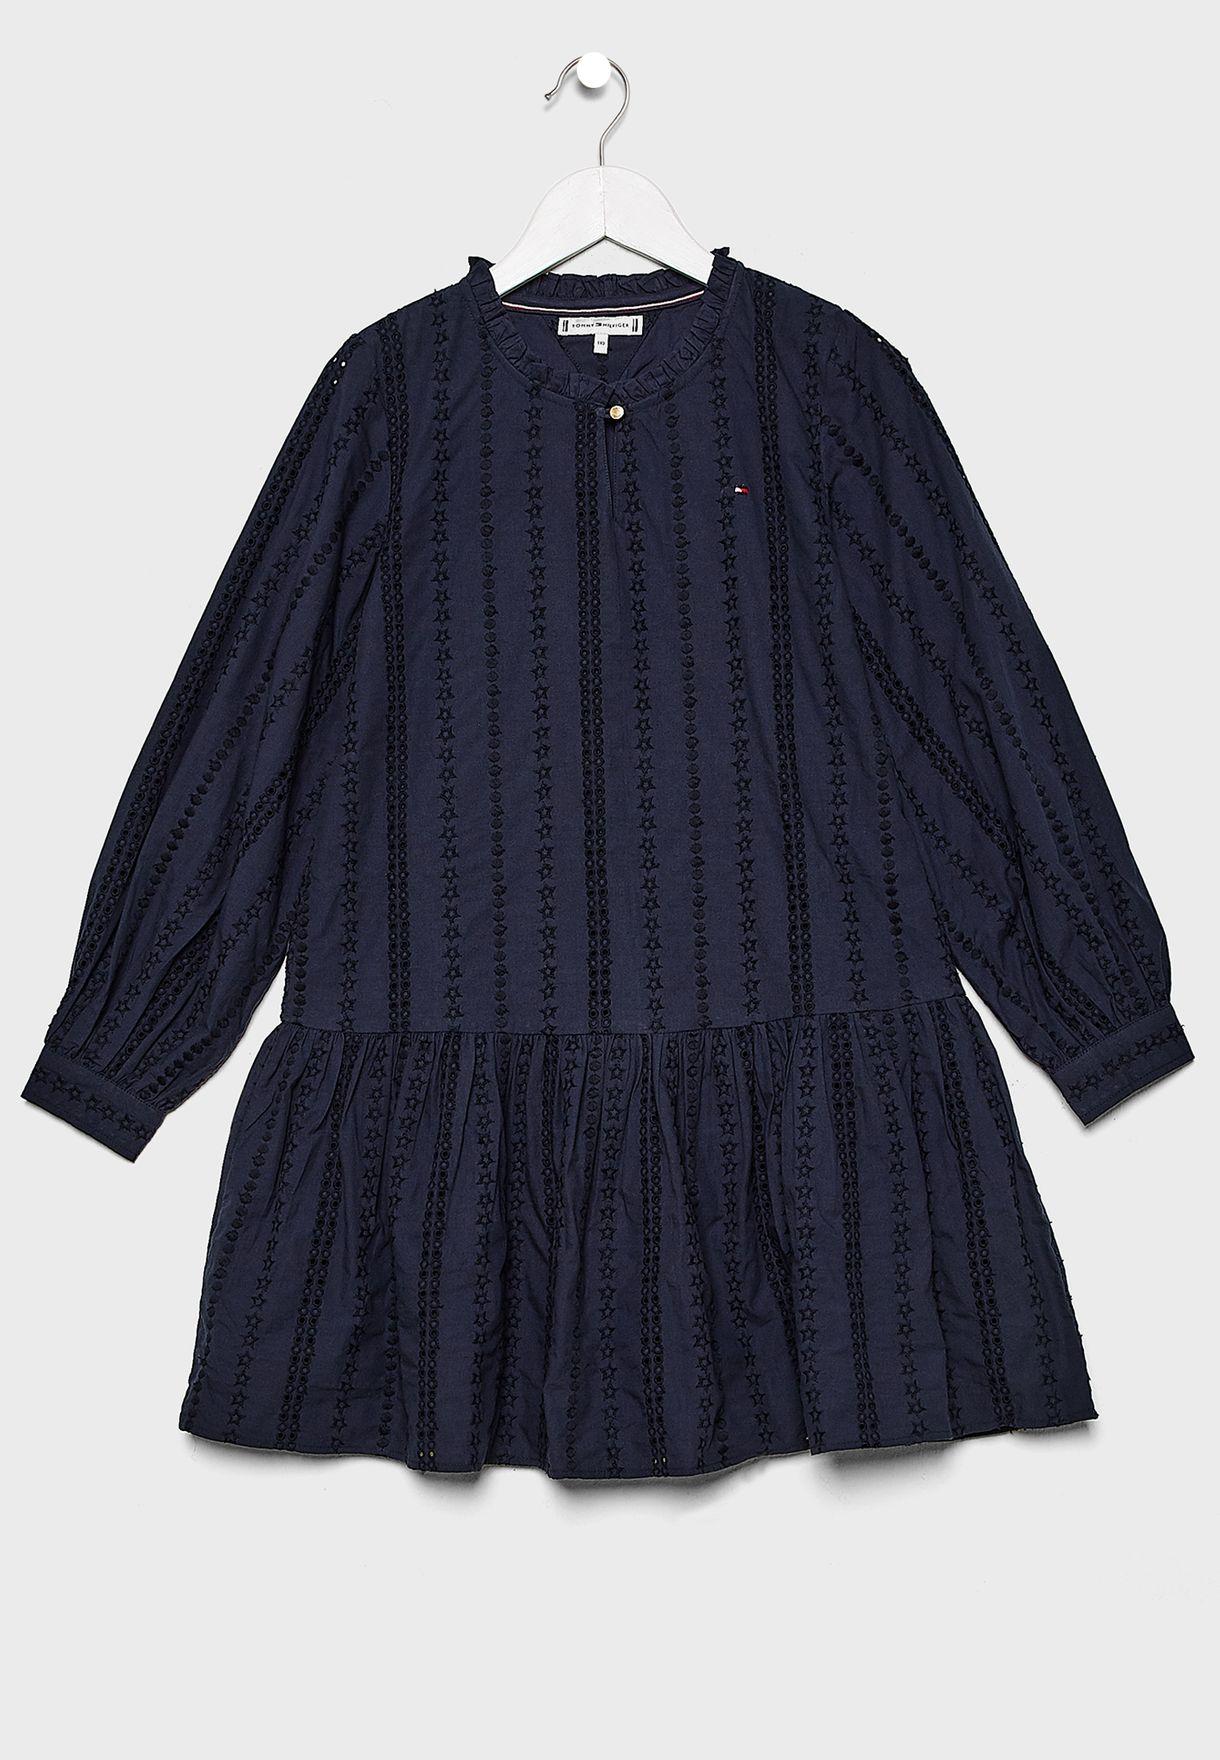 فستان مطرز بدانتيل